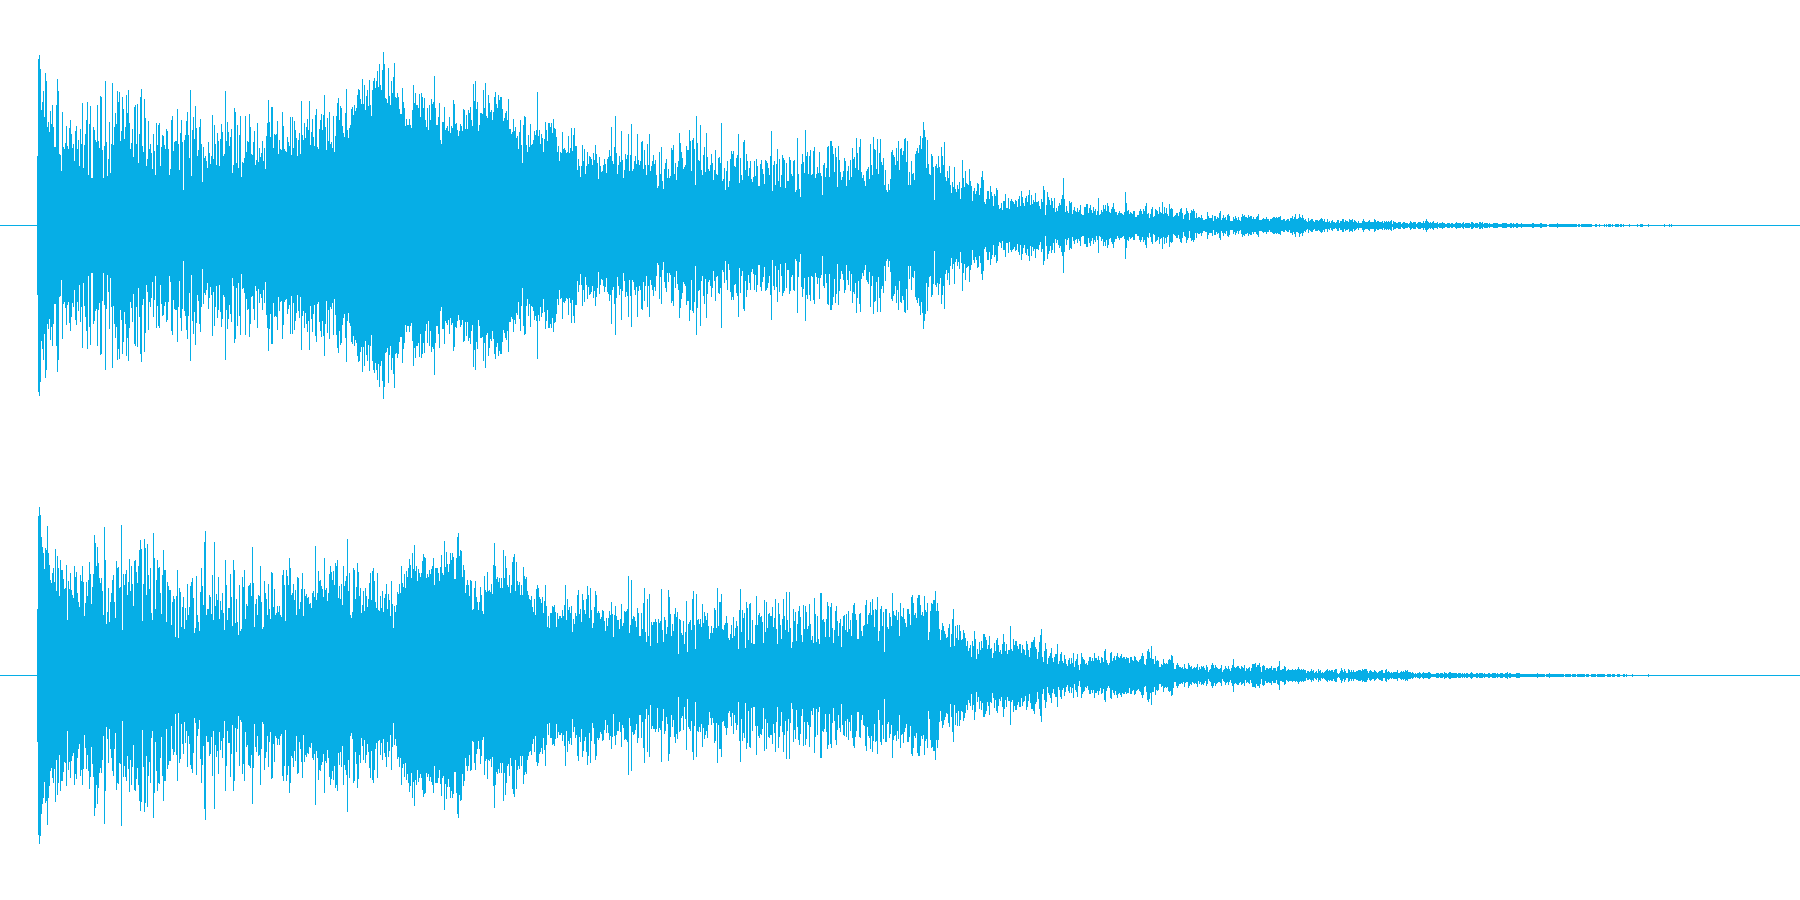 「バーン」と深い残響のシリアスな衝撃音の再生済みの波形